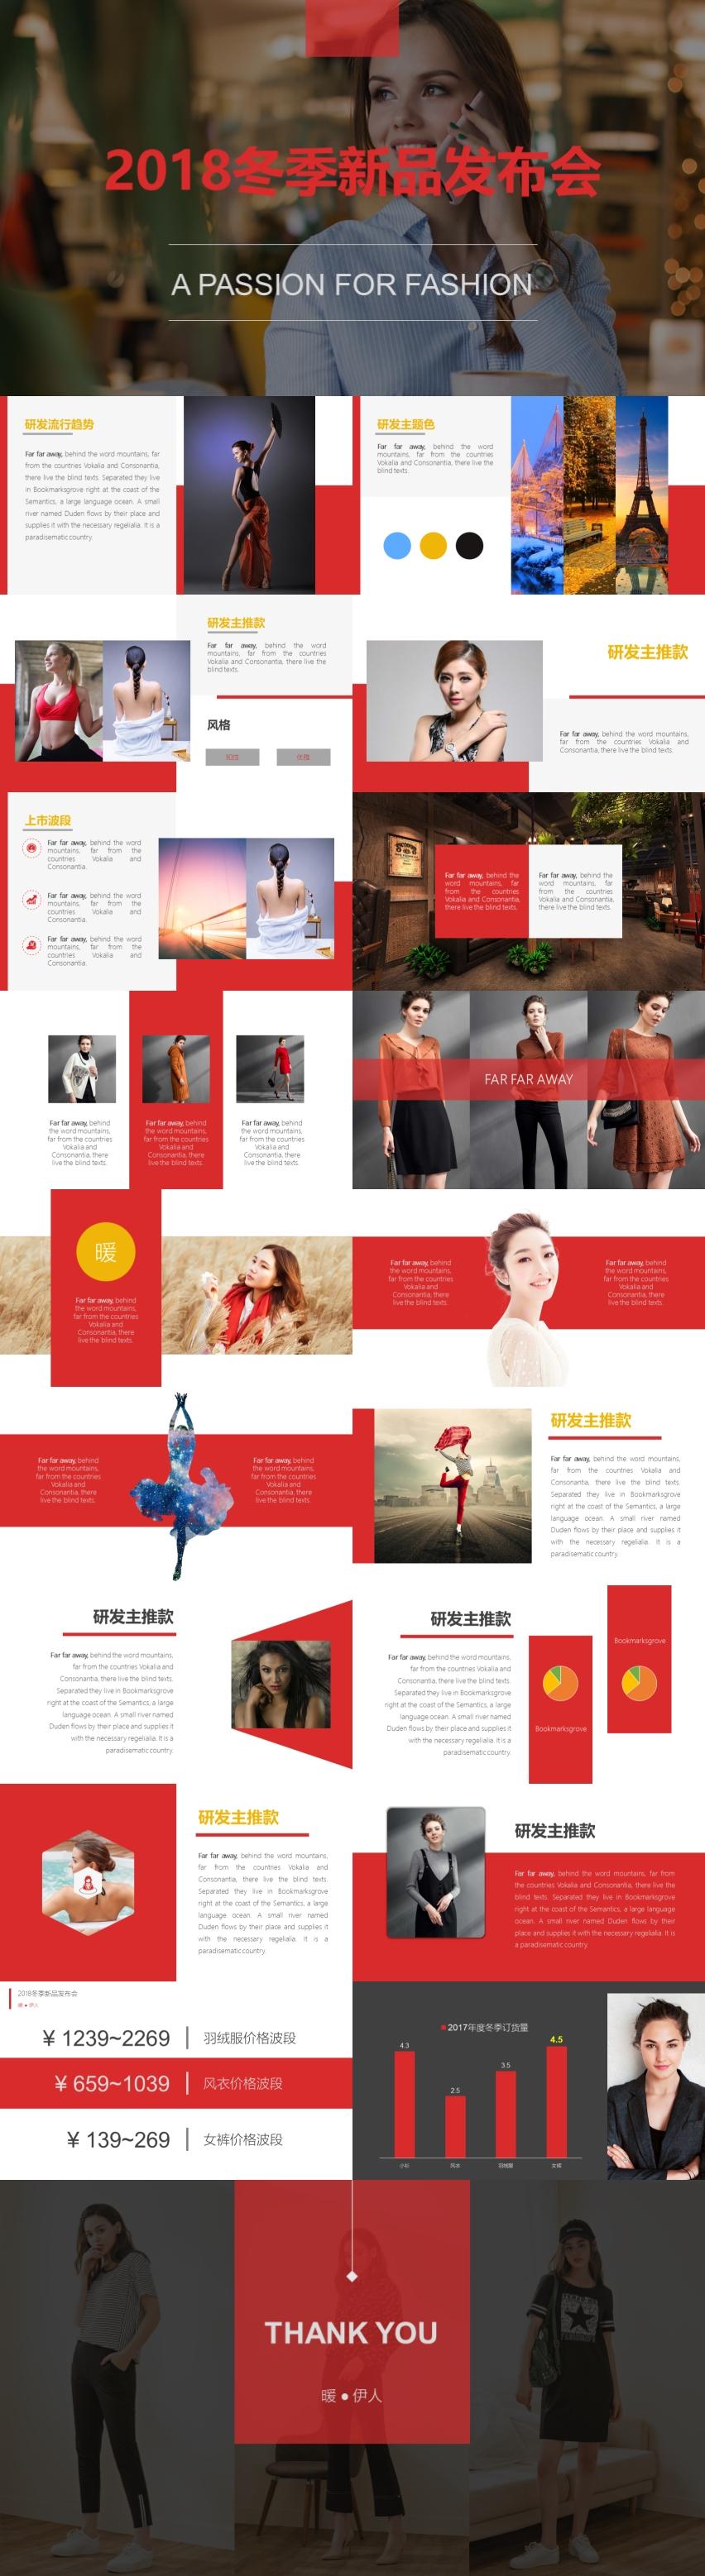 2018时尚女装行业冬季新品发布会模板(订货会模板)